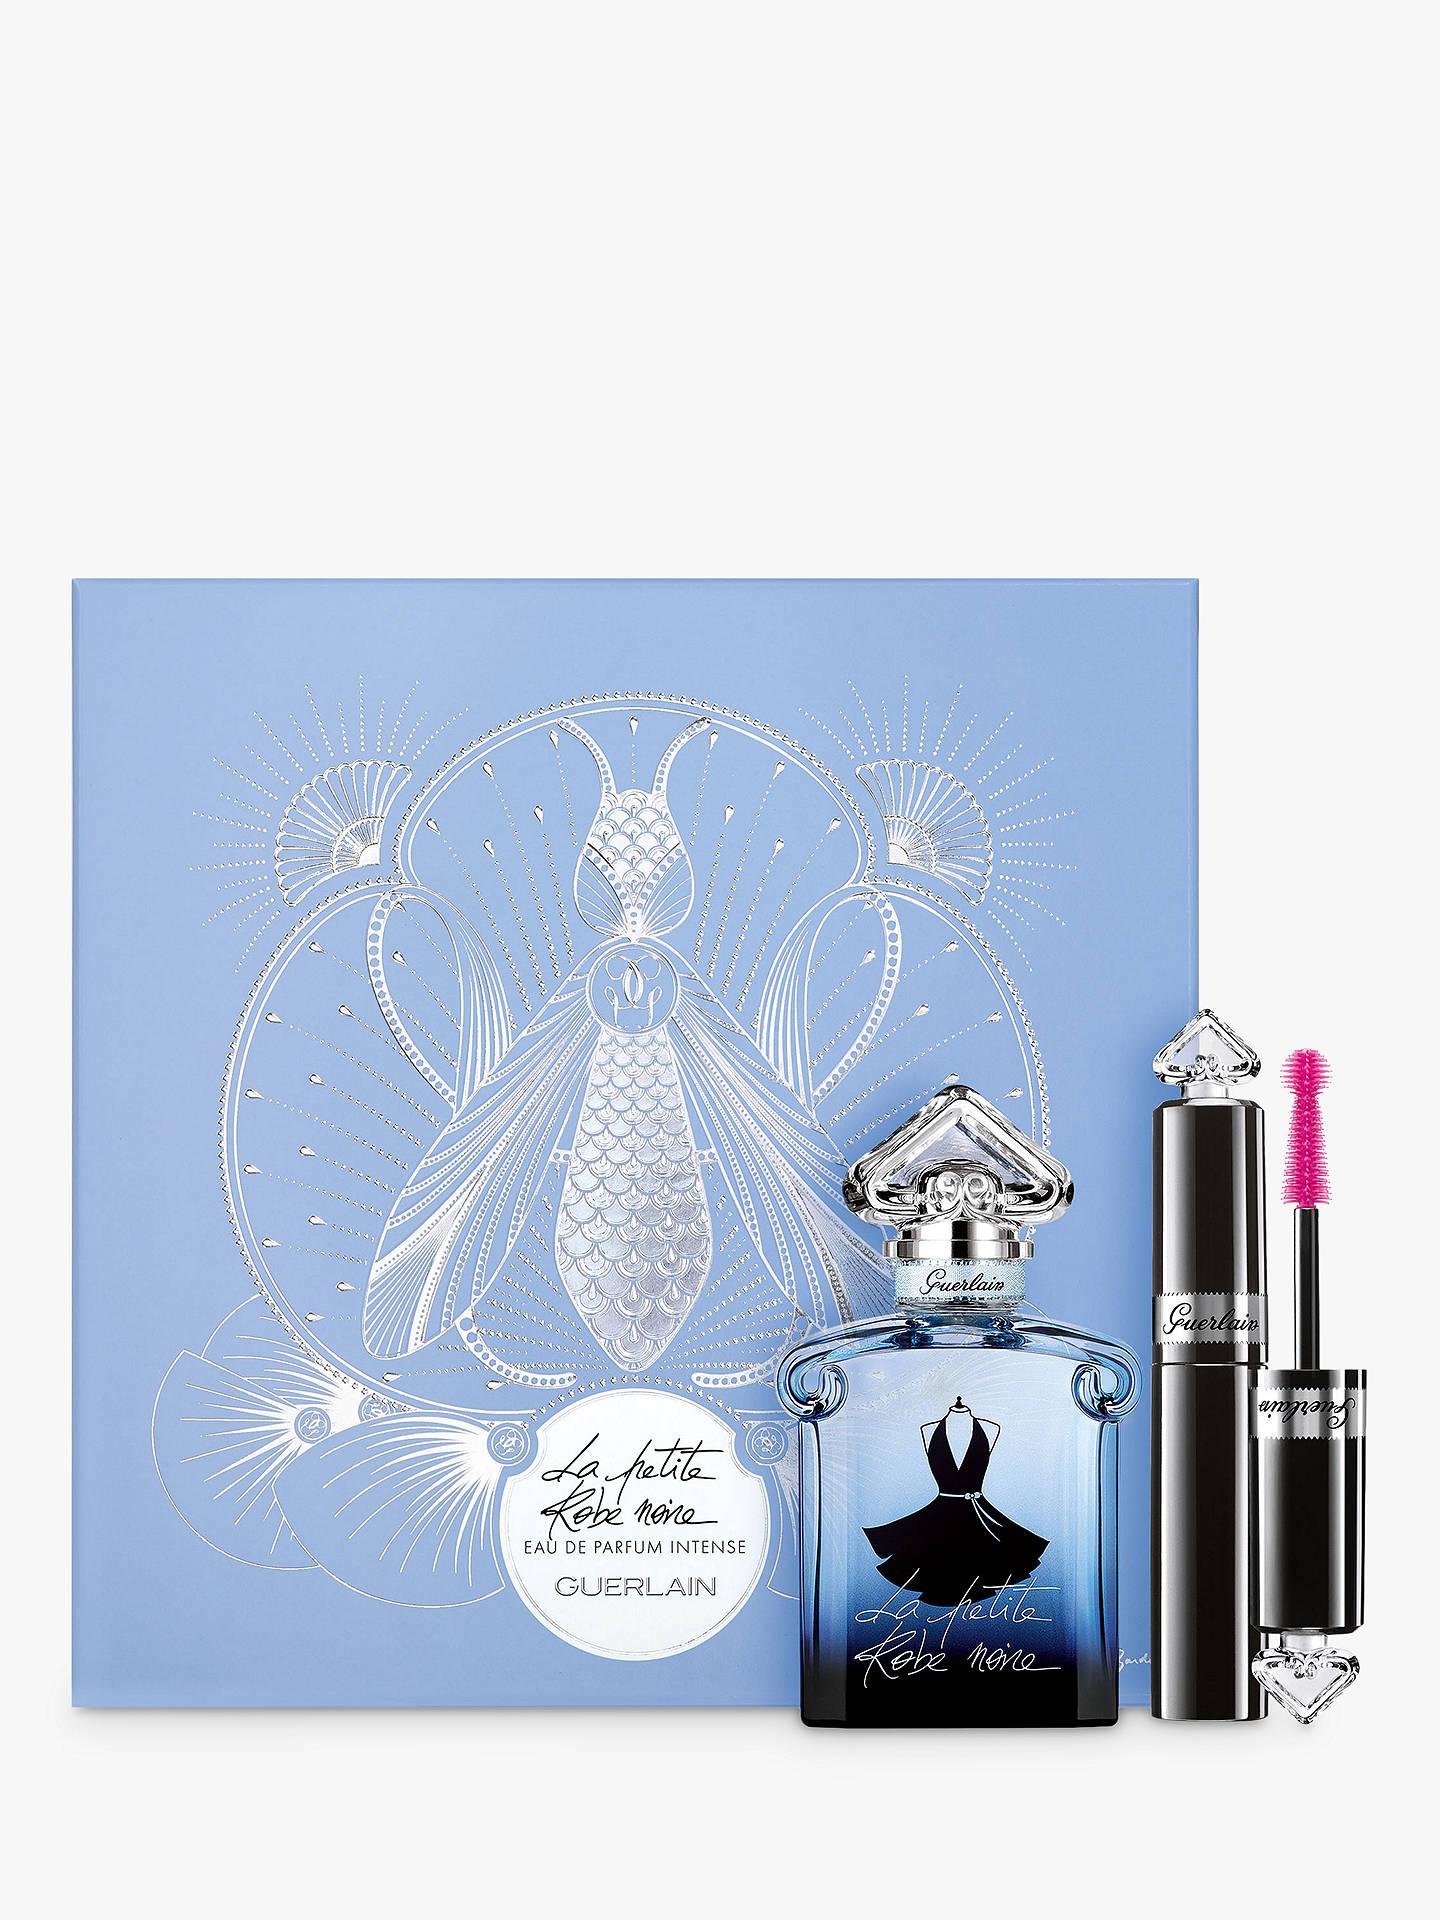 Guerlain La Petite Robe Noire 50ml Eau De Parfum Intense Fragrance